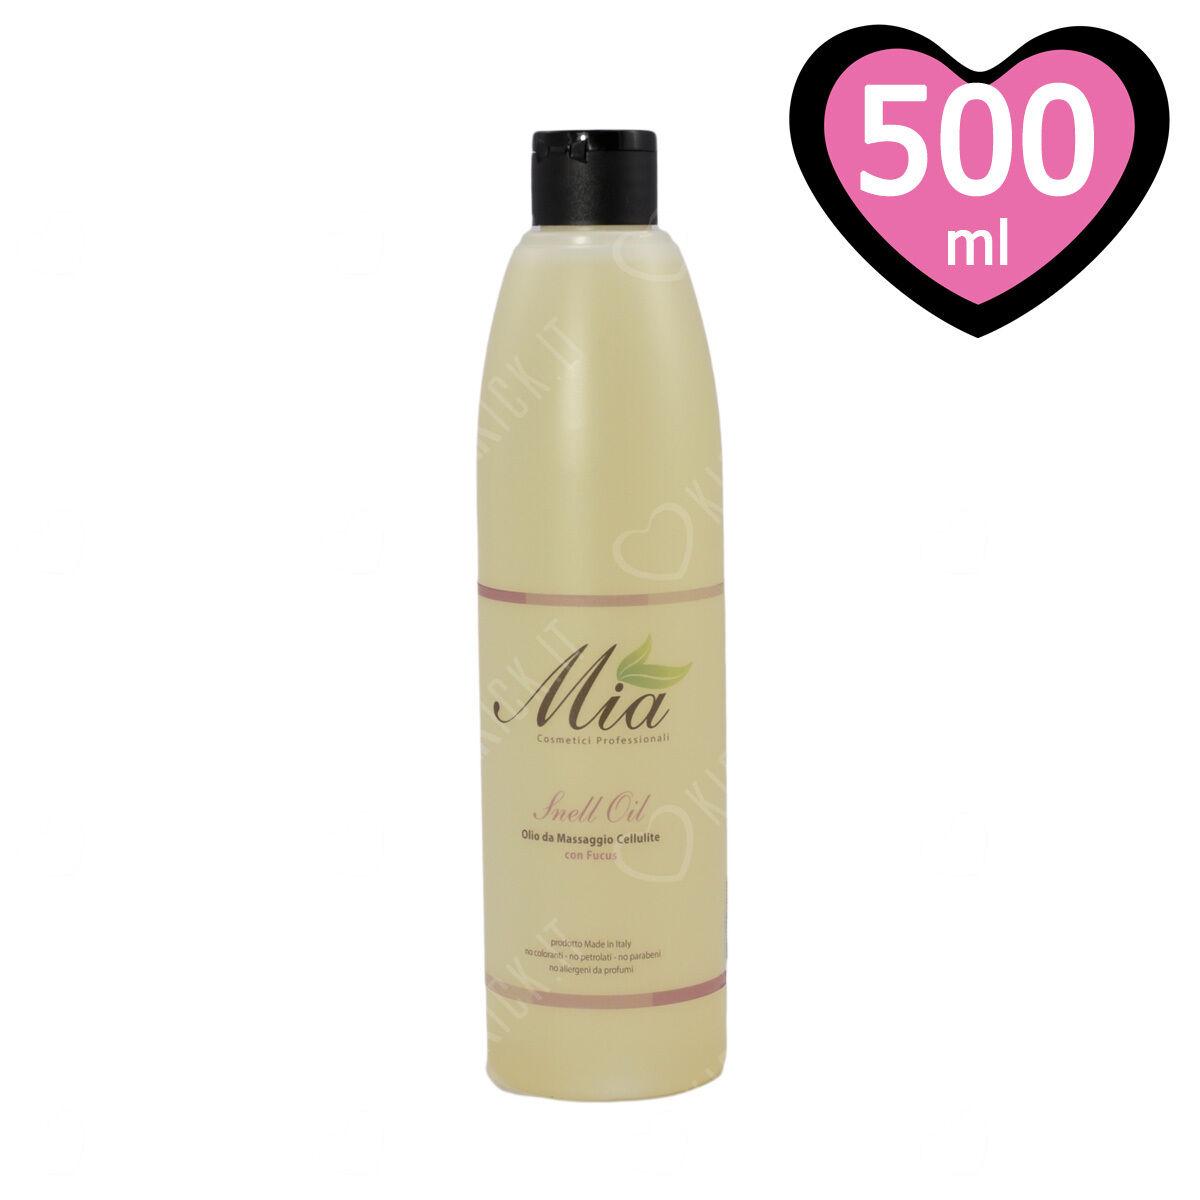 Olio da Massaggio per Cellulite e Ritenzione Idrica 500 ml